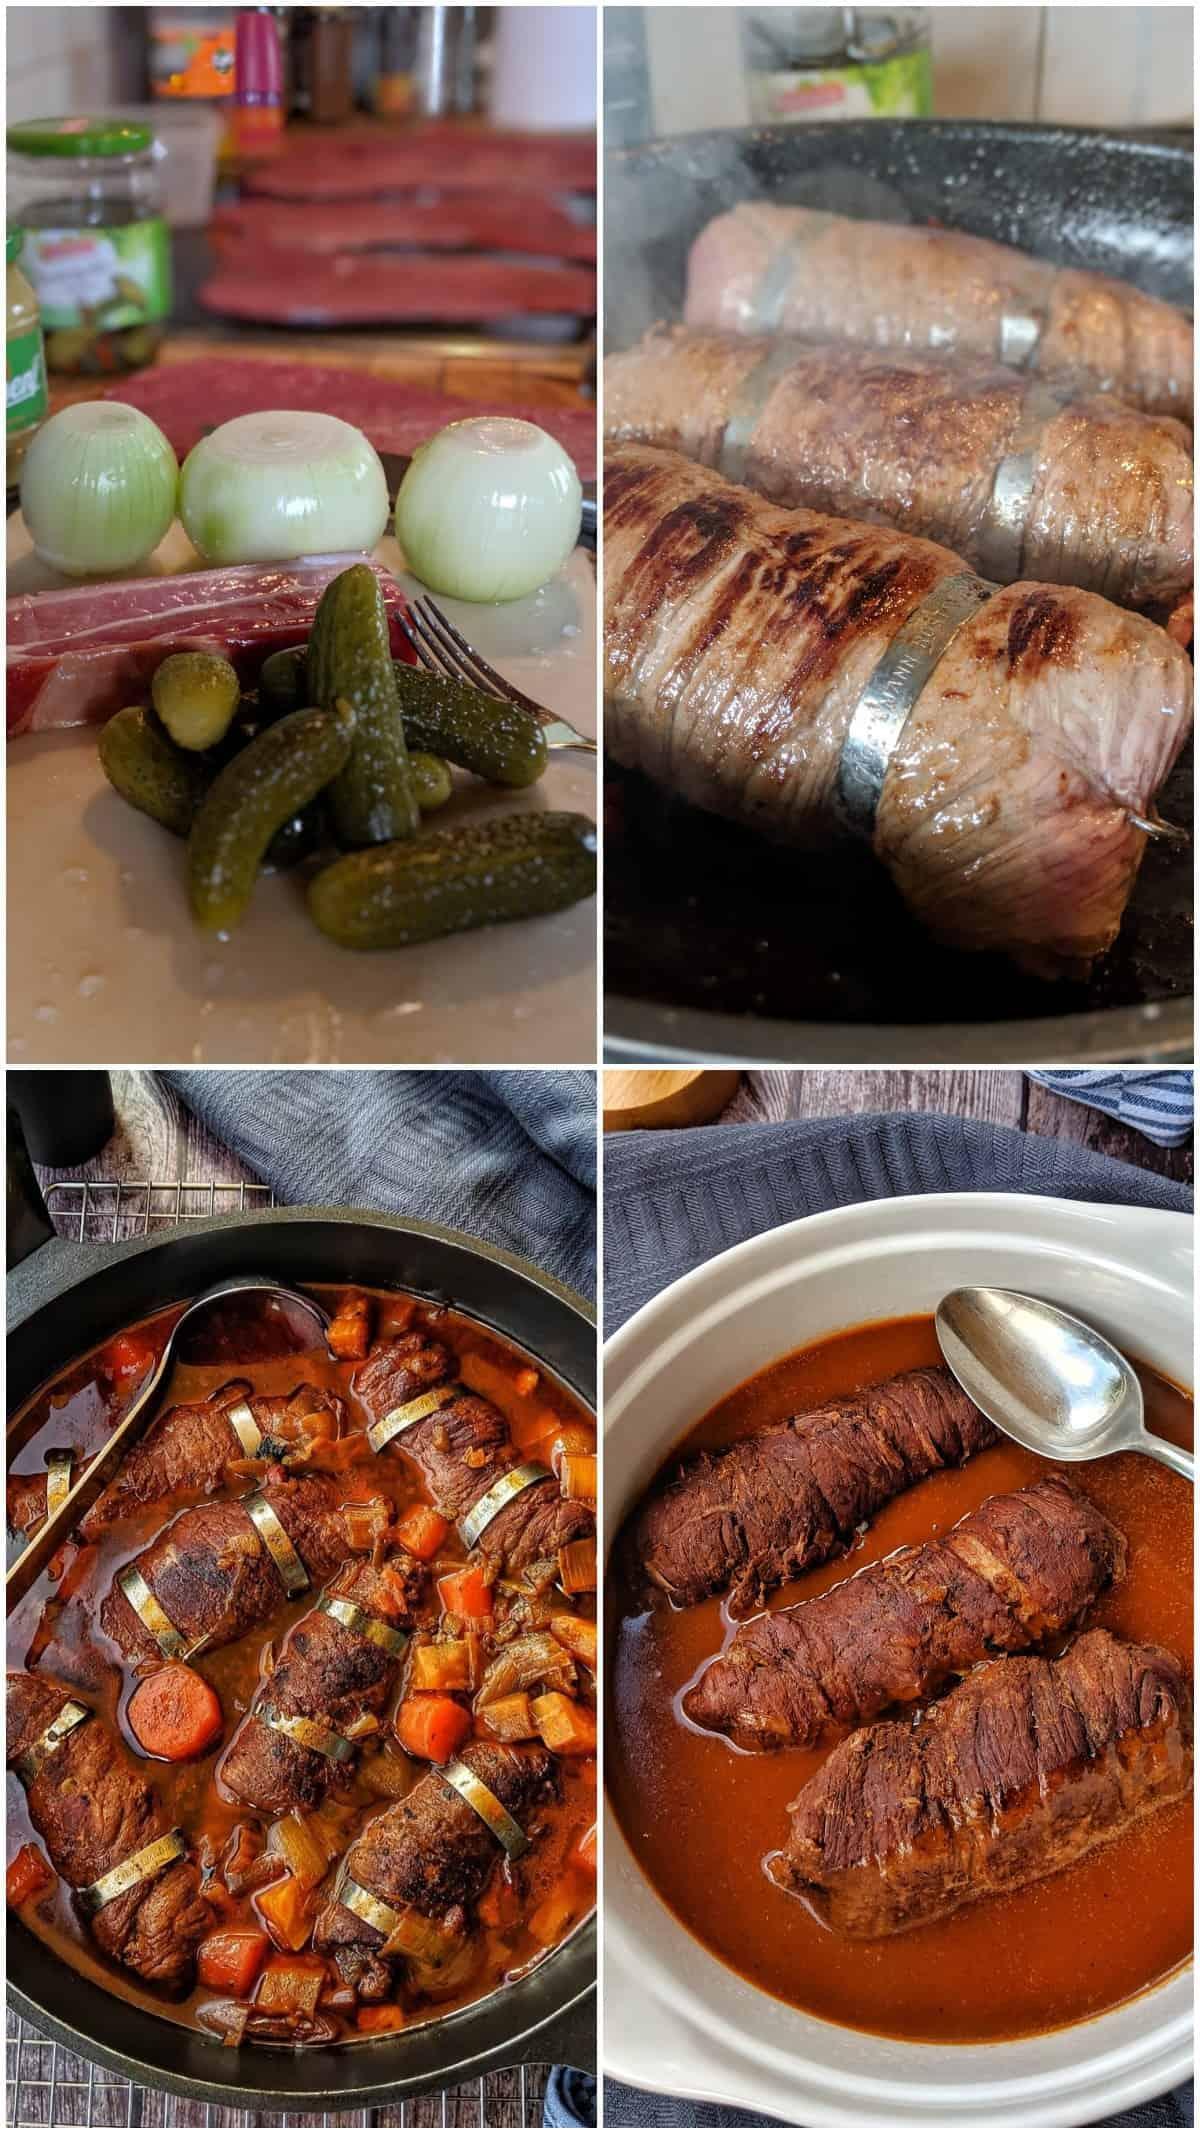 Eine Collage von 4 Fotos, die die Zubereitung der Rinderrouladen zeigt.